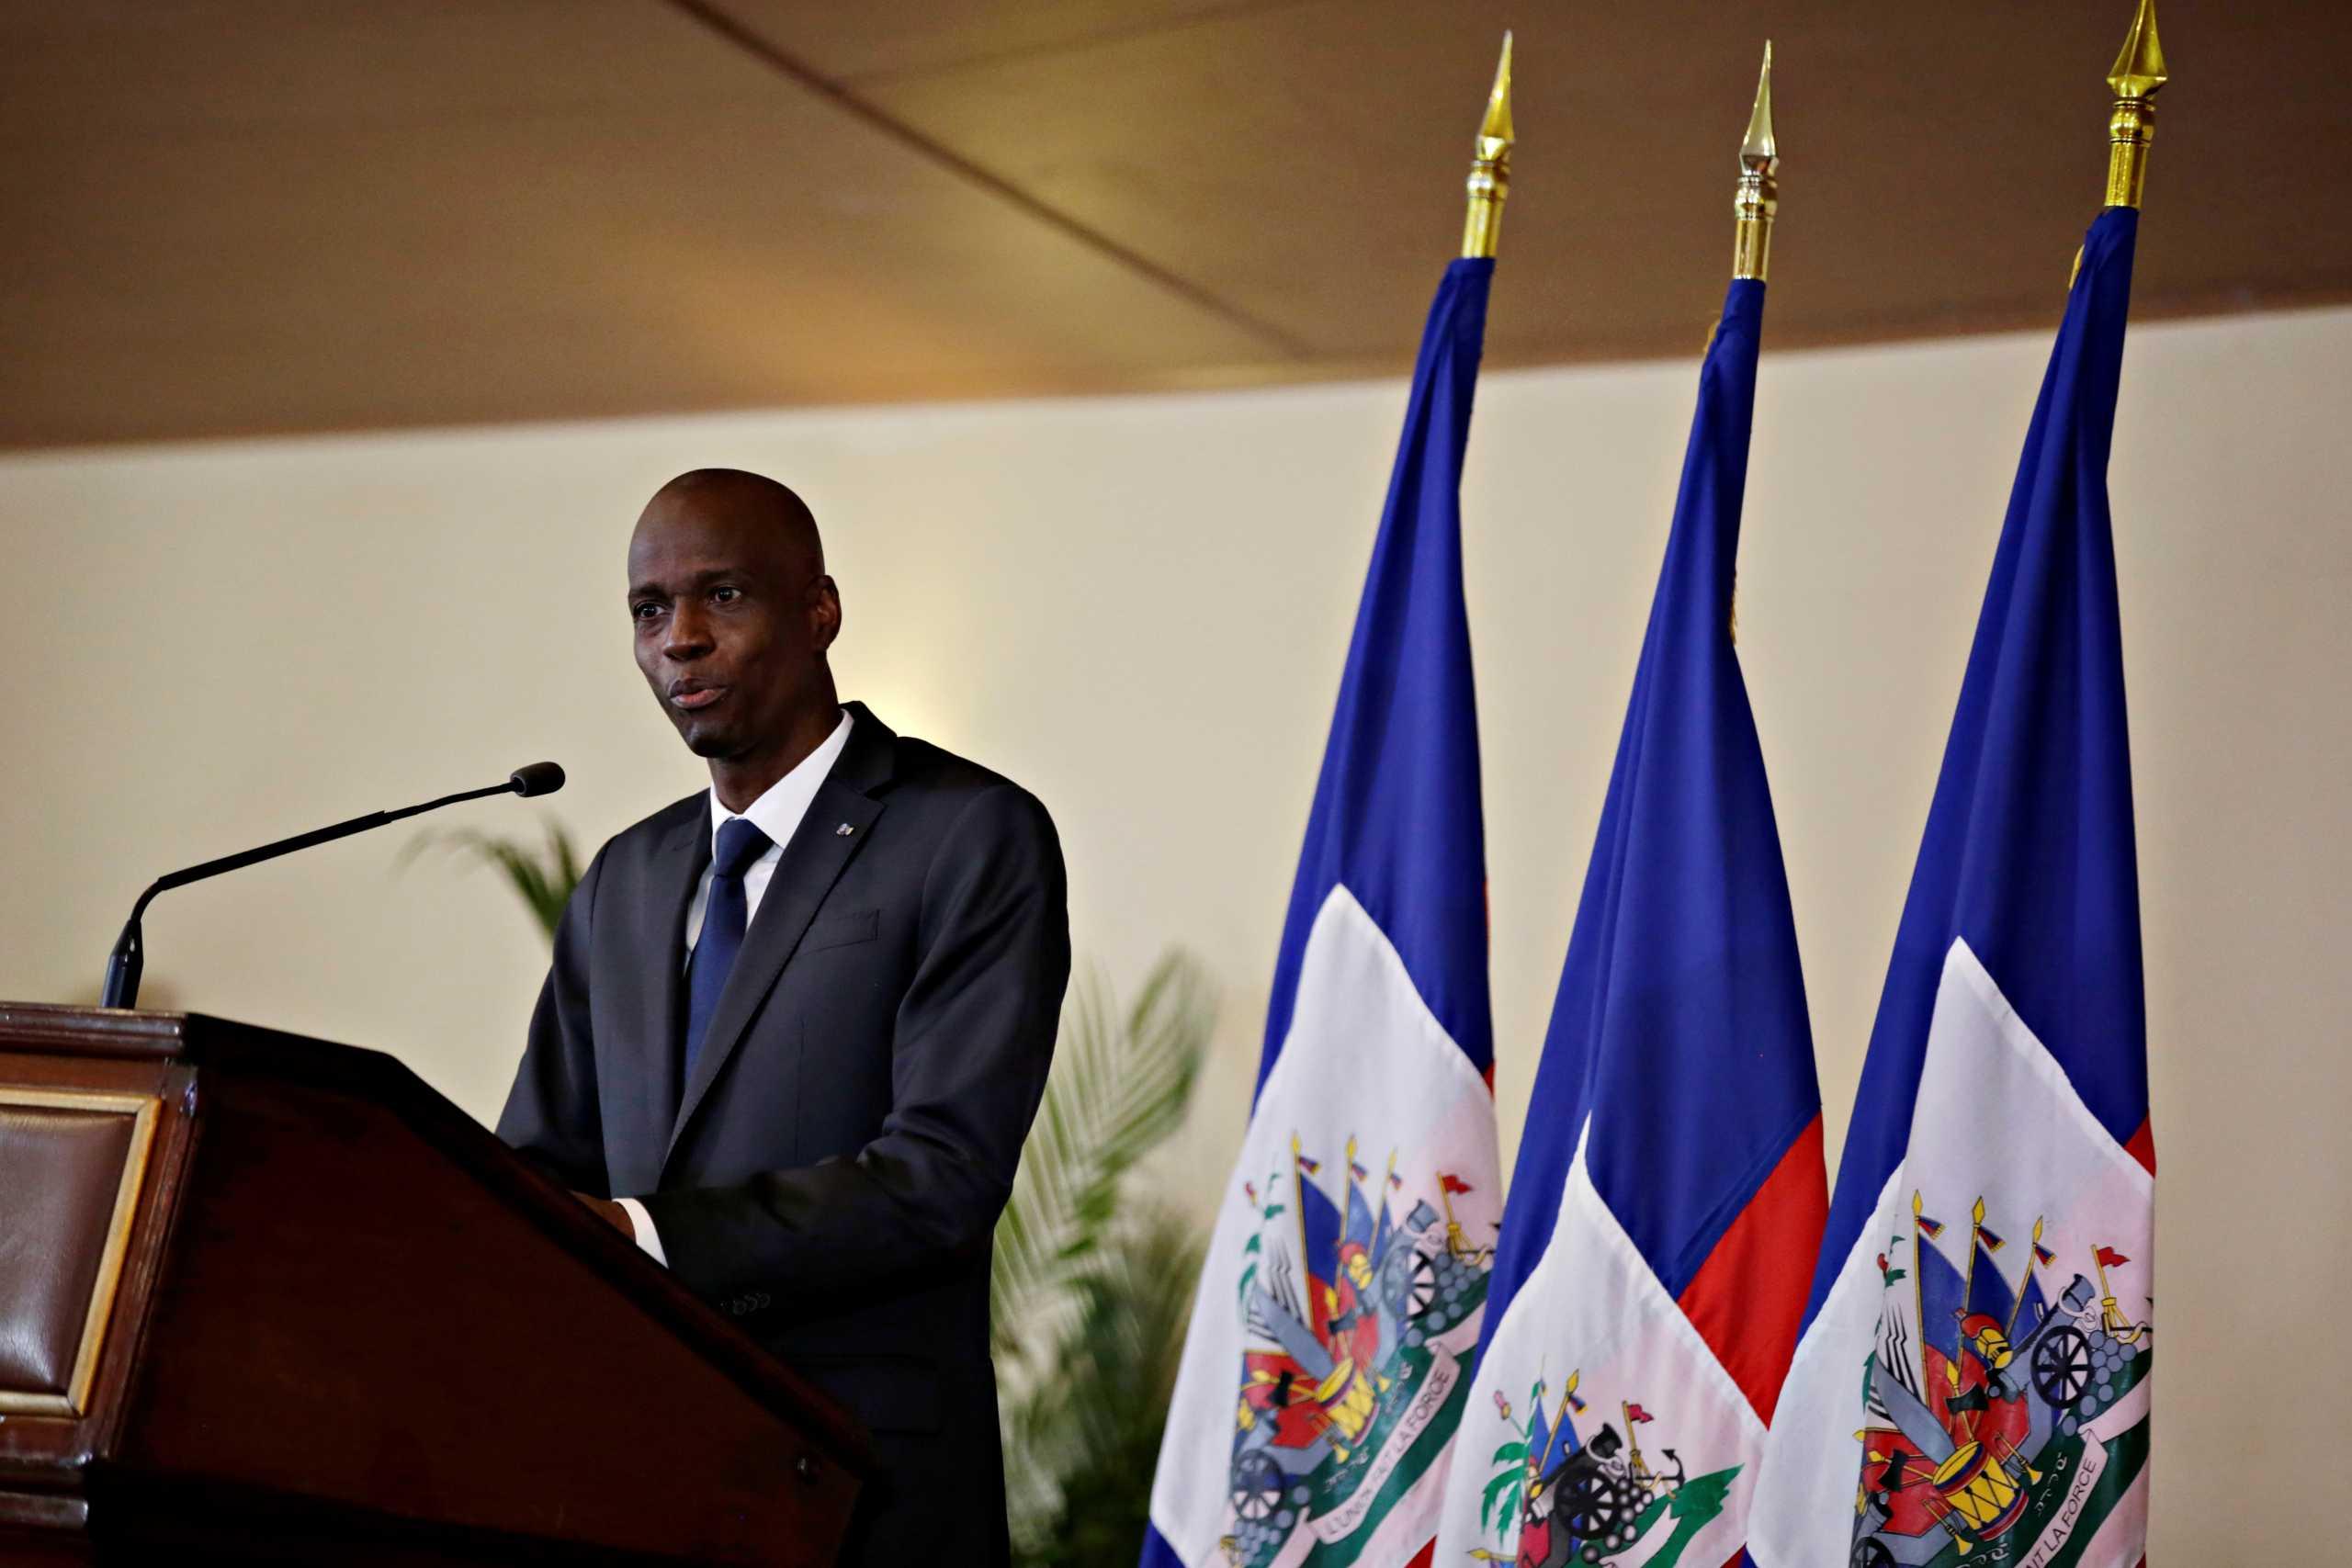 Αναβρασμός στην Αϊτή μετά τη δολοφονία του προέδρου της χώρας – Στο νοσοκομείο η σύζυγος του